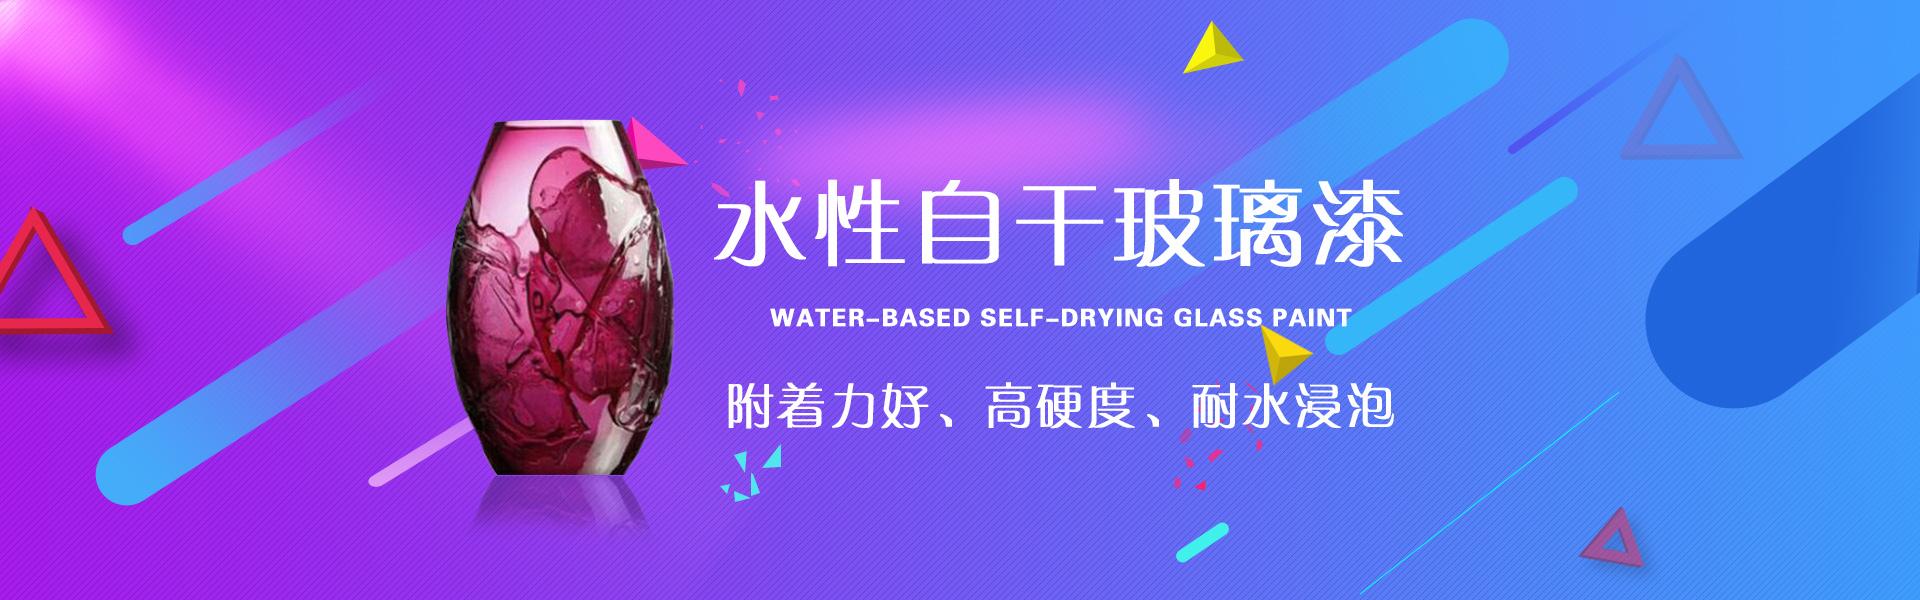 水性自干玻璃漆